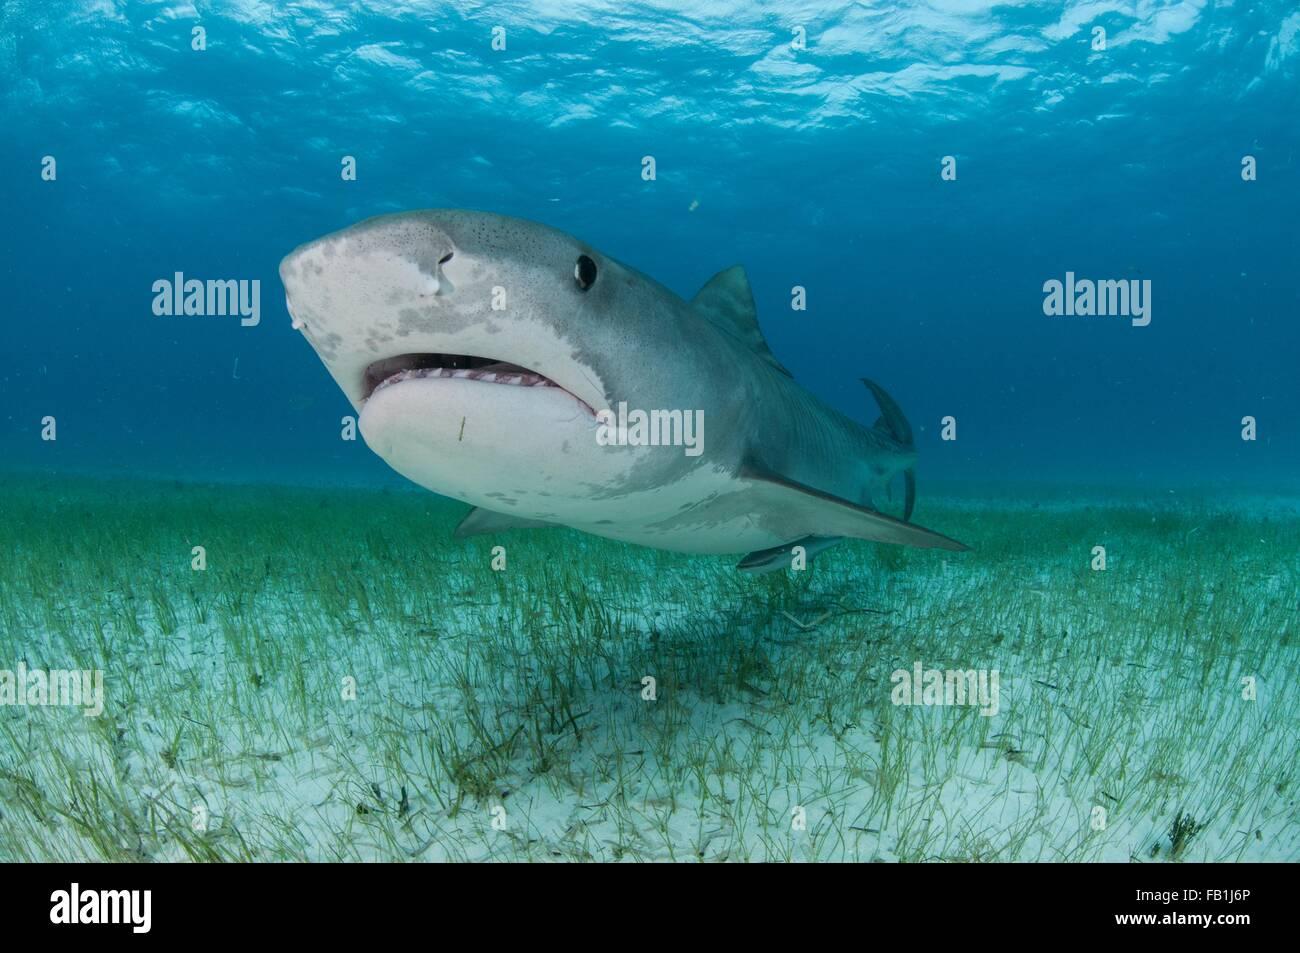 Low angle sous-vue de requin tigre nager près des fonds marins couverts d'herbes marines, plage du Tigre, Photo Stock